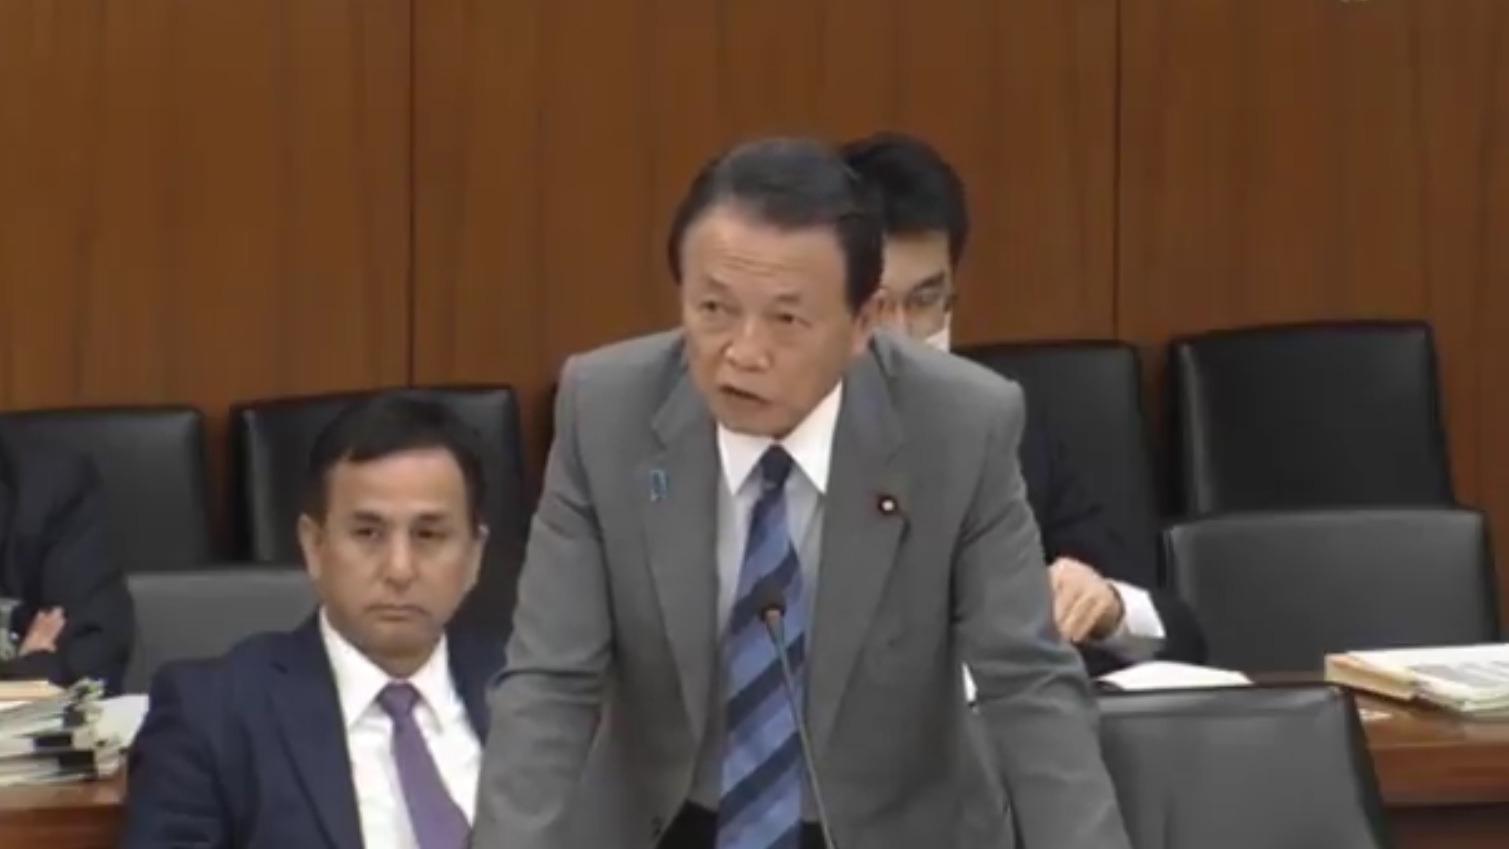 日本副首相兼財務大臣麻生太郎,2020年3月26日出席日本參議院會議答詢時再直言,「世界衛生組織」應改名為「中國(中共)衛生組織」。(影片截圖)